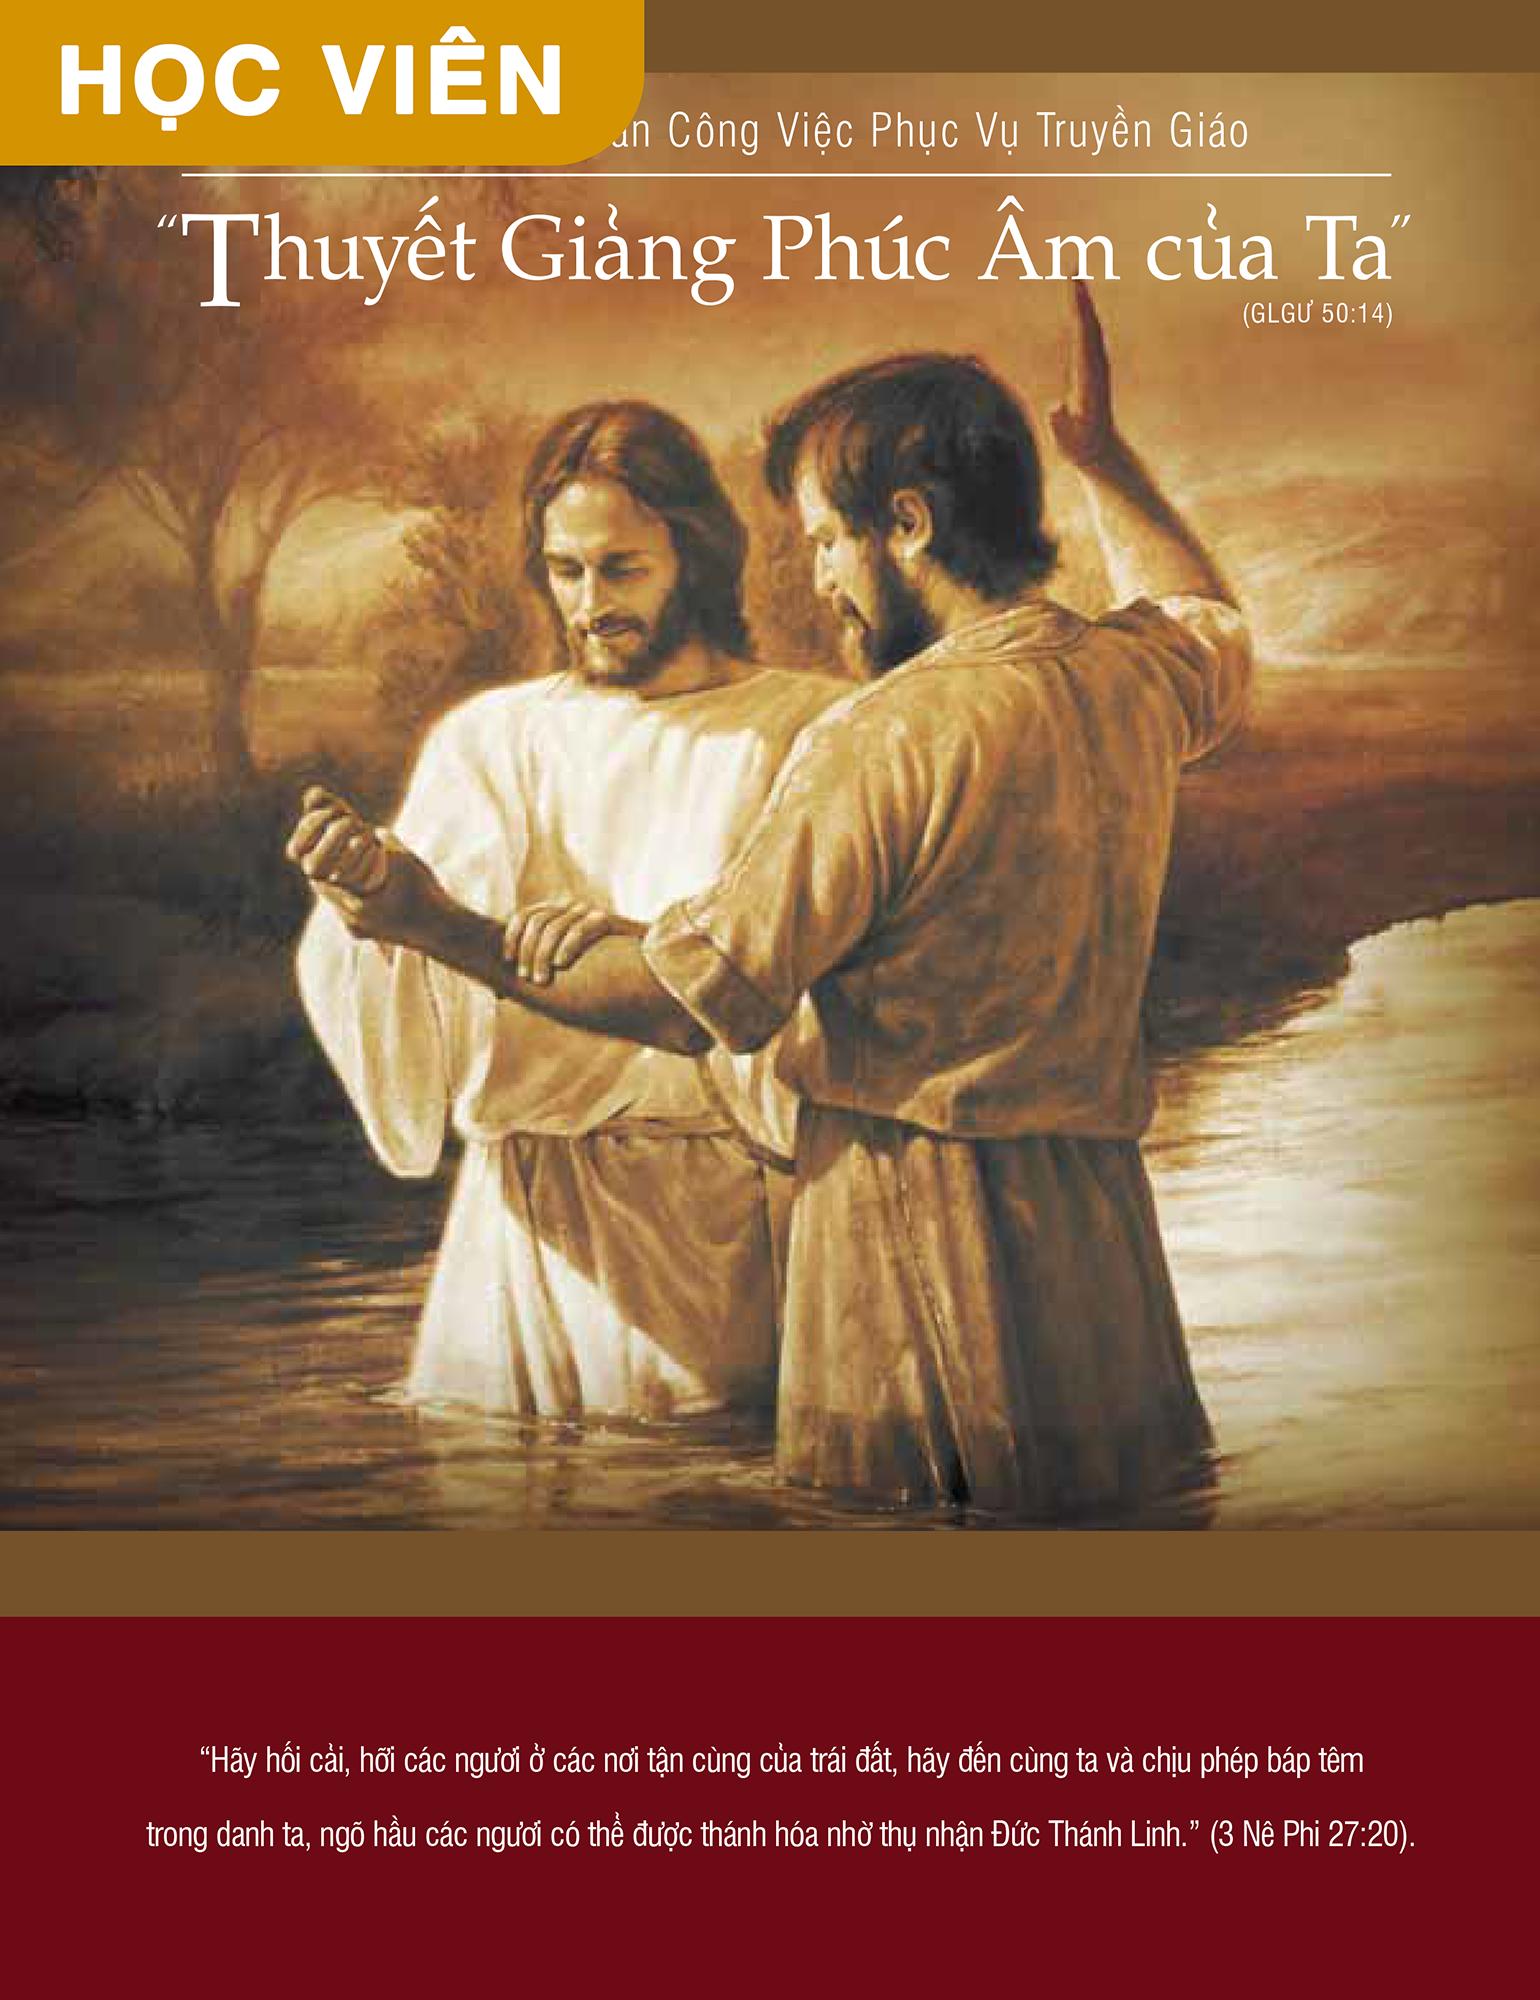 Thuyết Giảng Phúc Âm của Ta